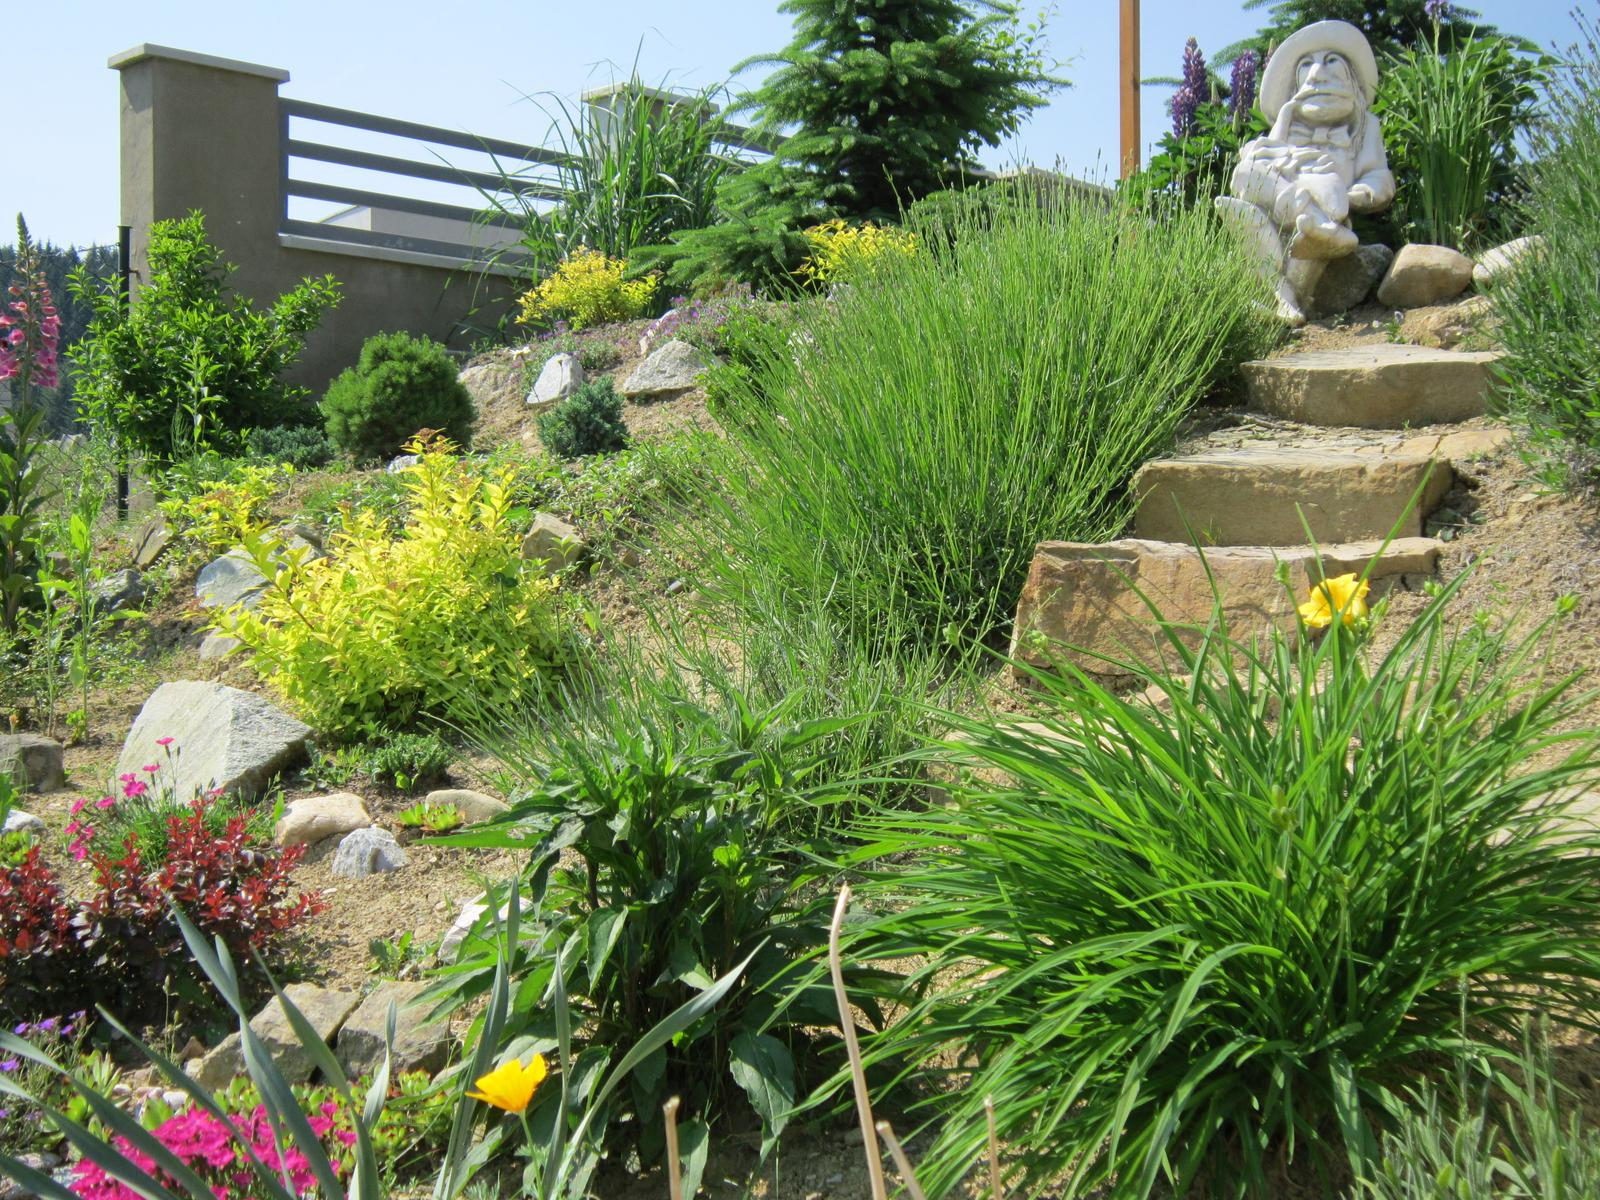 Moja záhrada...ako šiel čas - Levandule ešte nekvitnú...